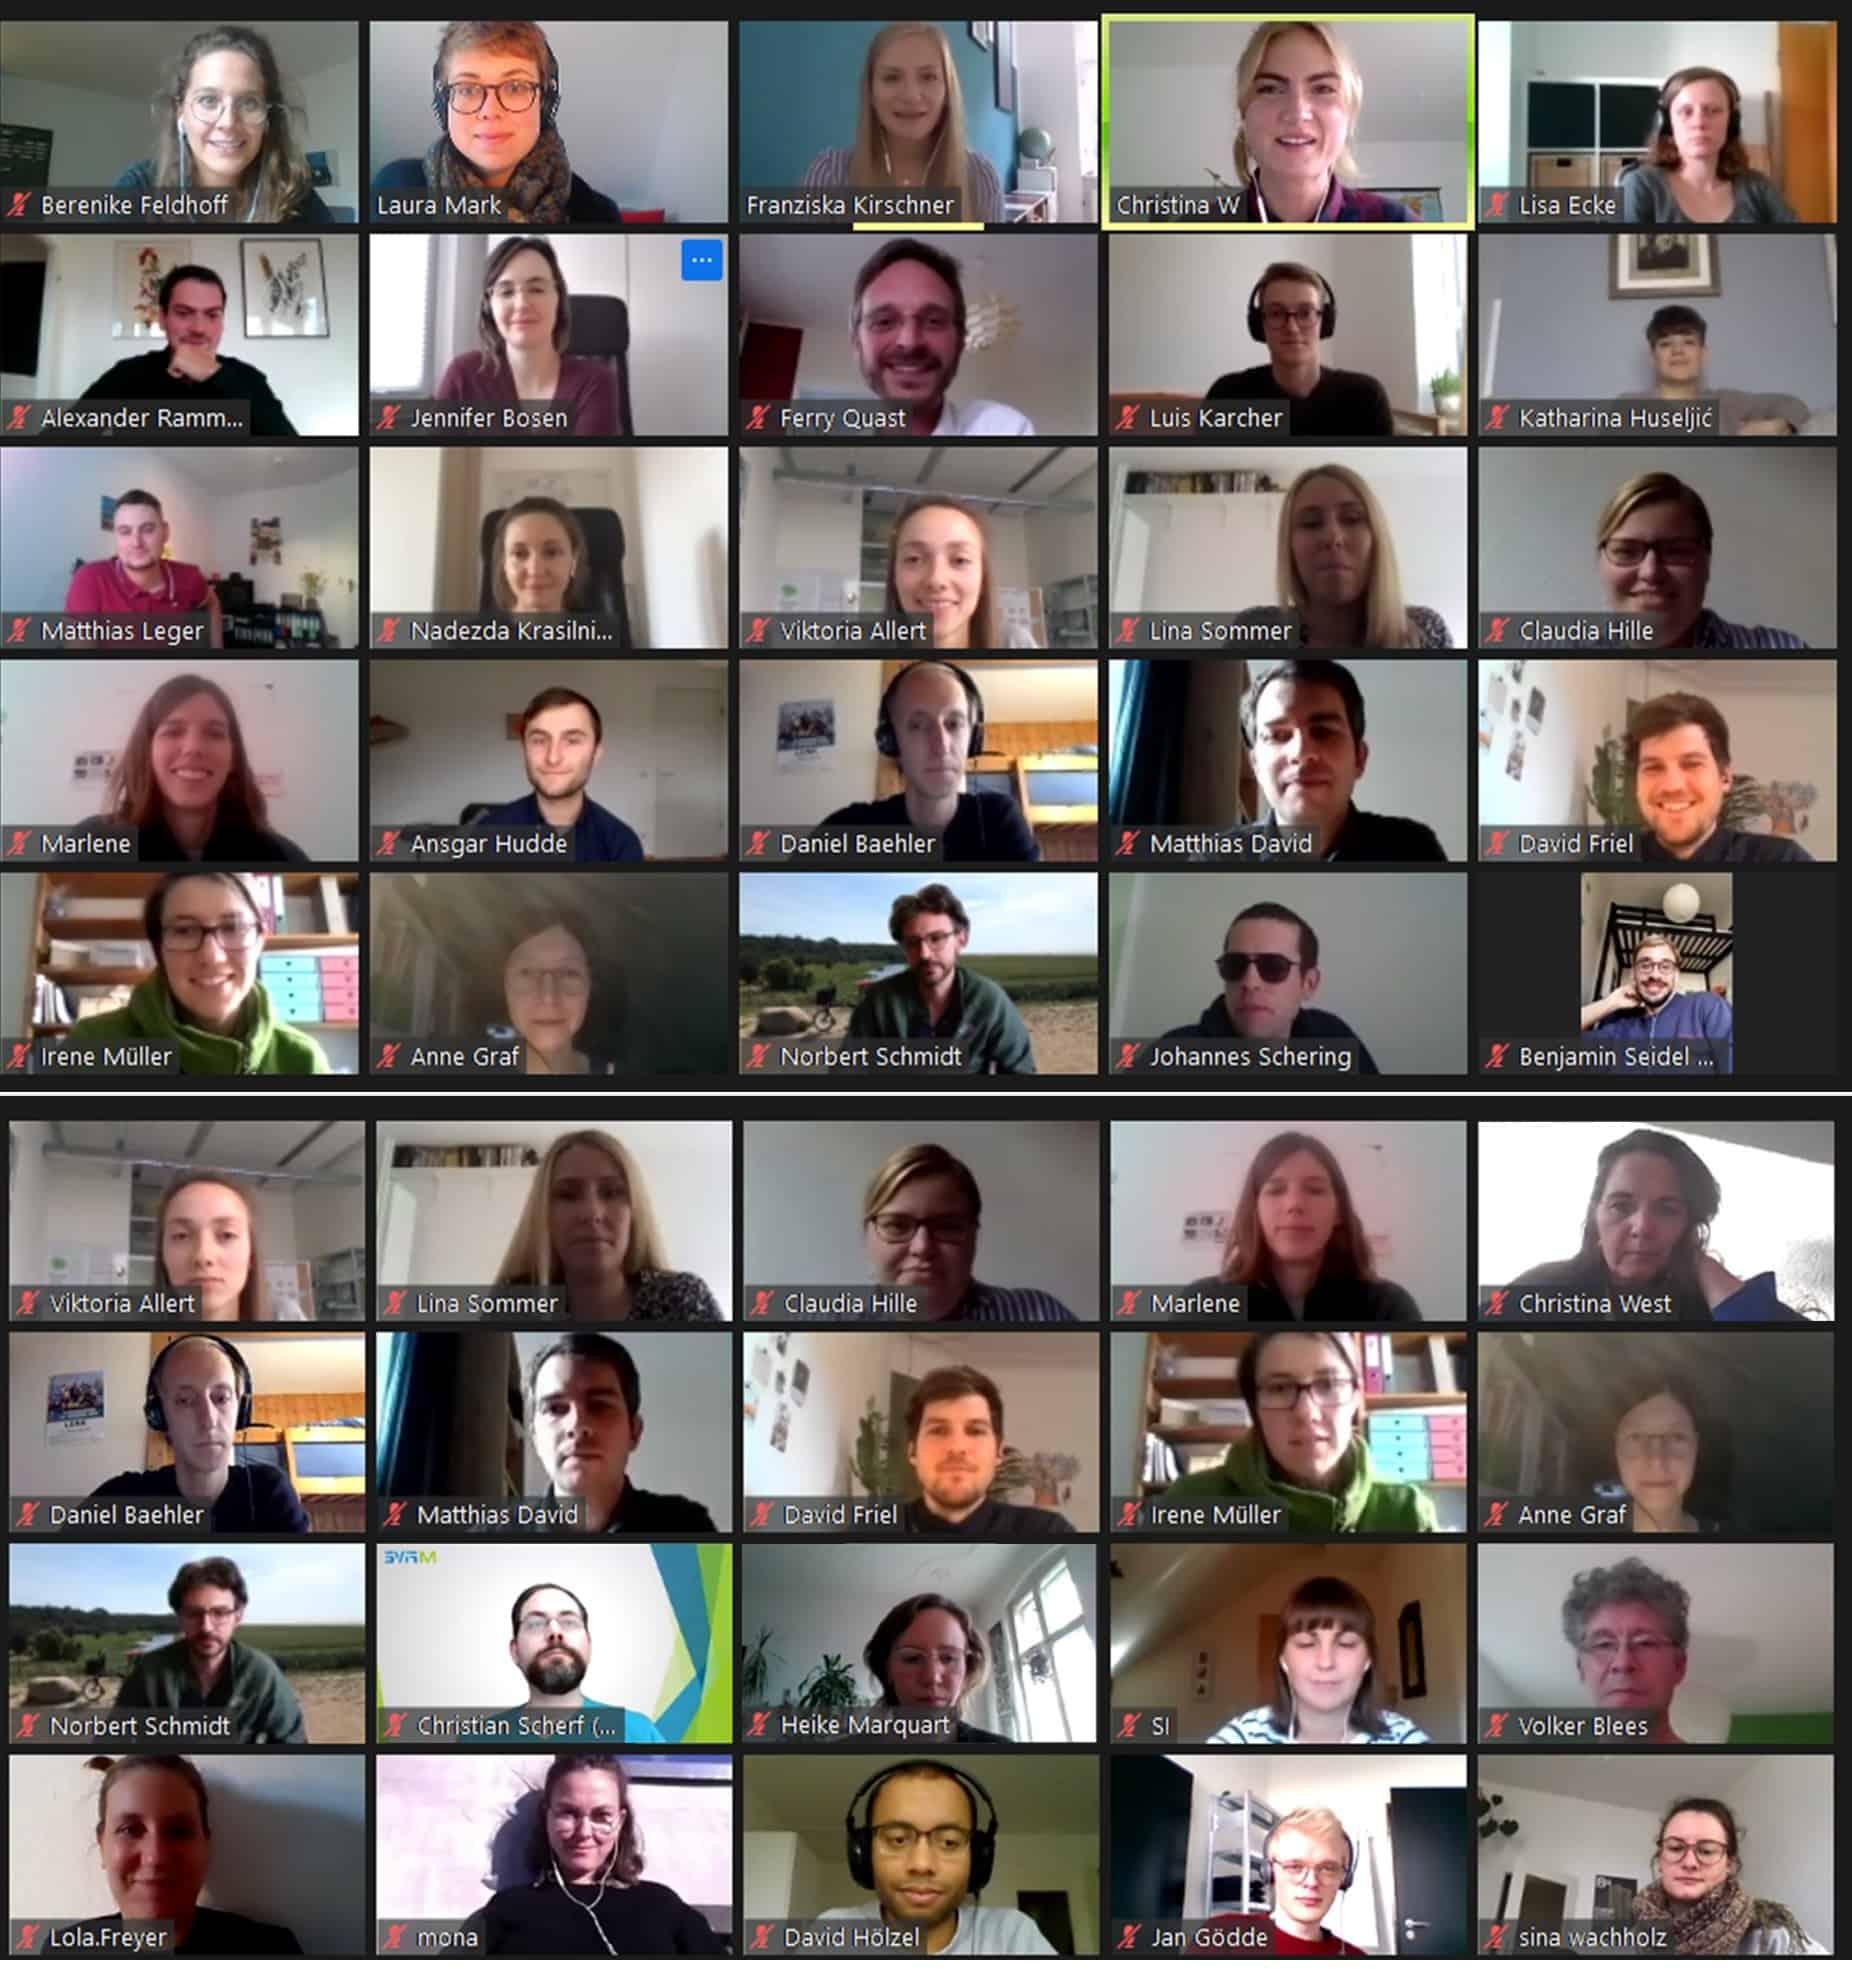 Teilnehmer*innen der 11. Jahrestagung im Jahr 2020.